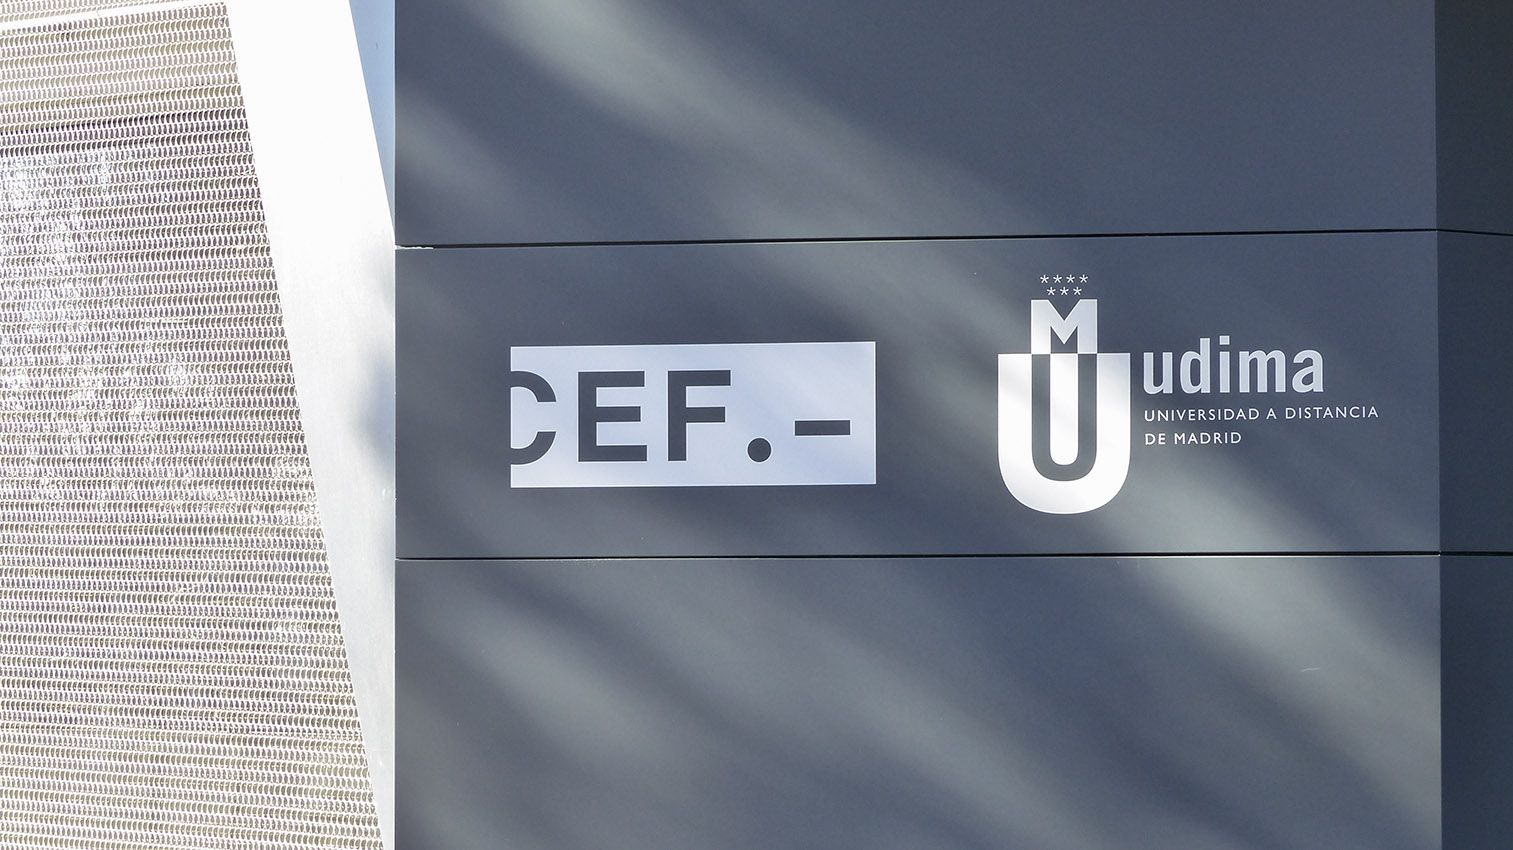 La UDIMA ofrece en abierto sus principales recursos durante la crisis del COVID-19